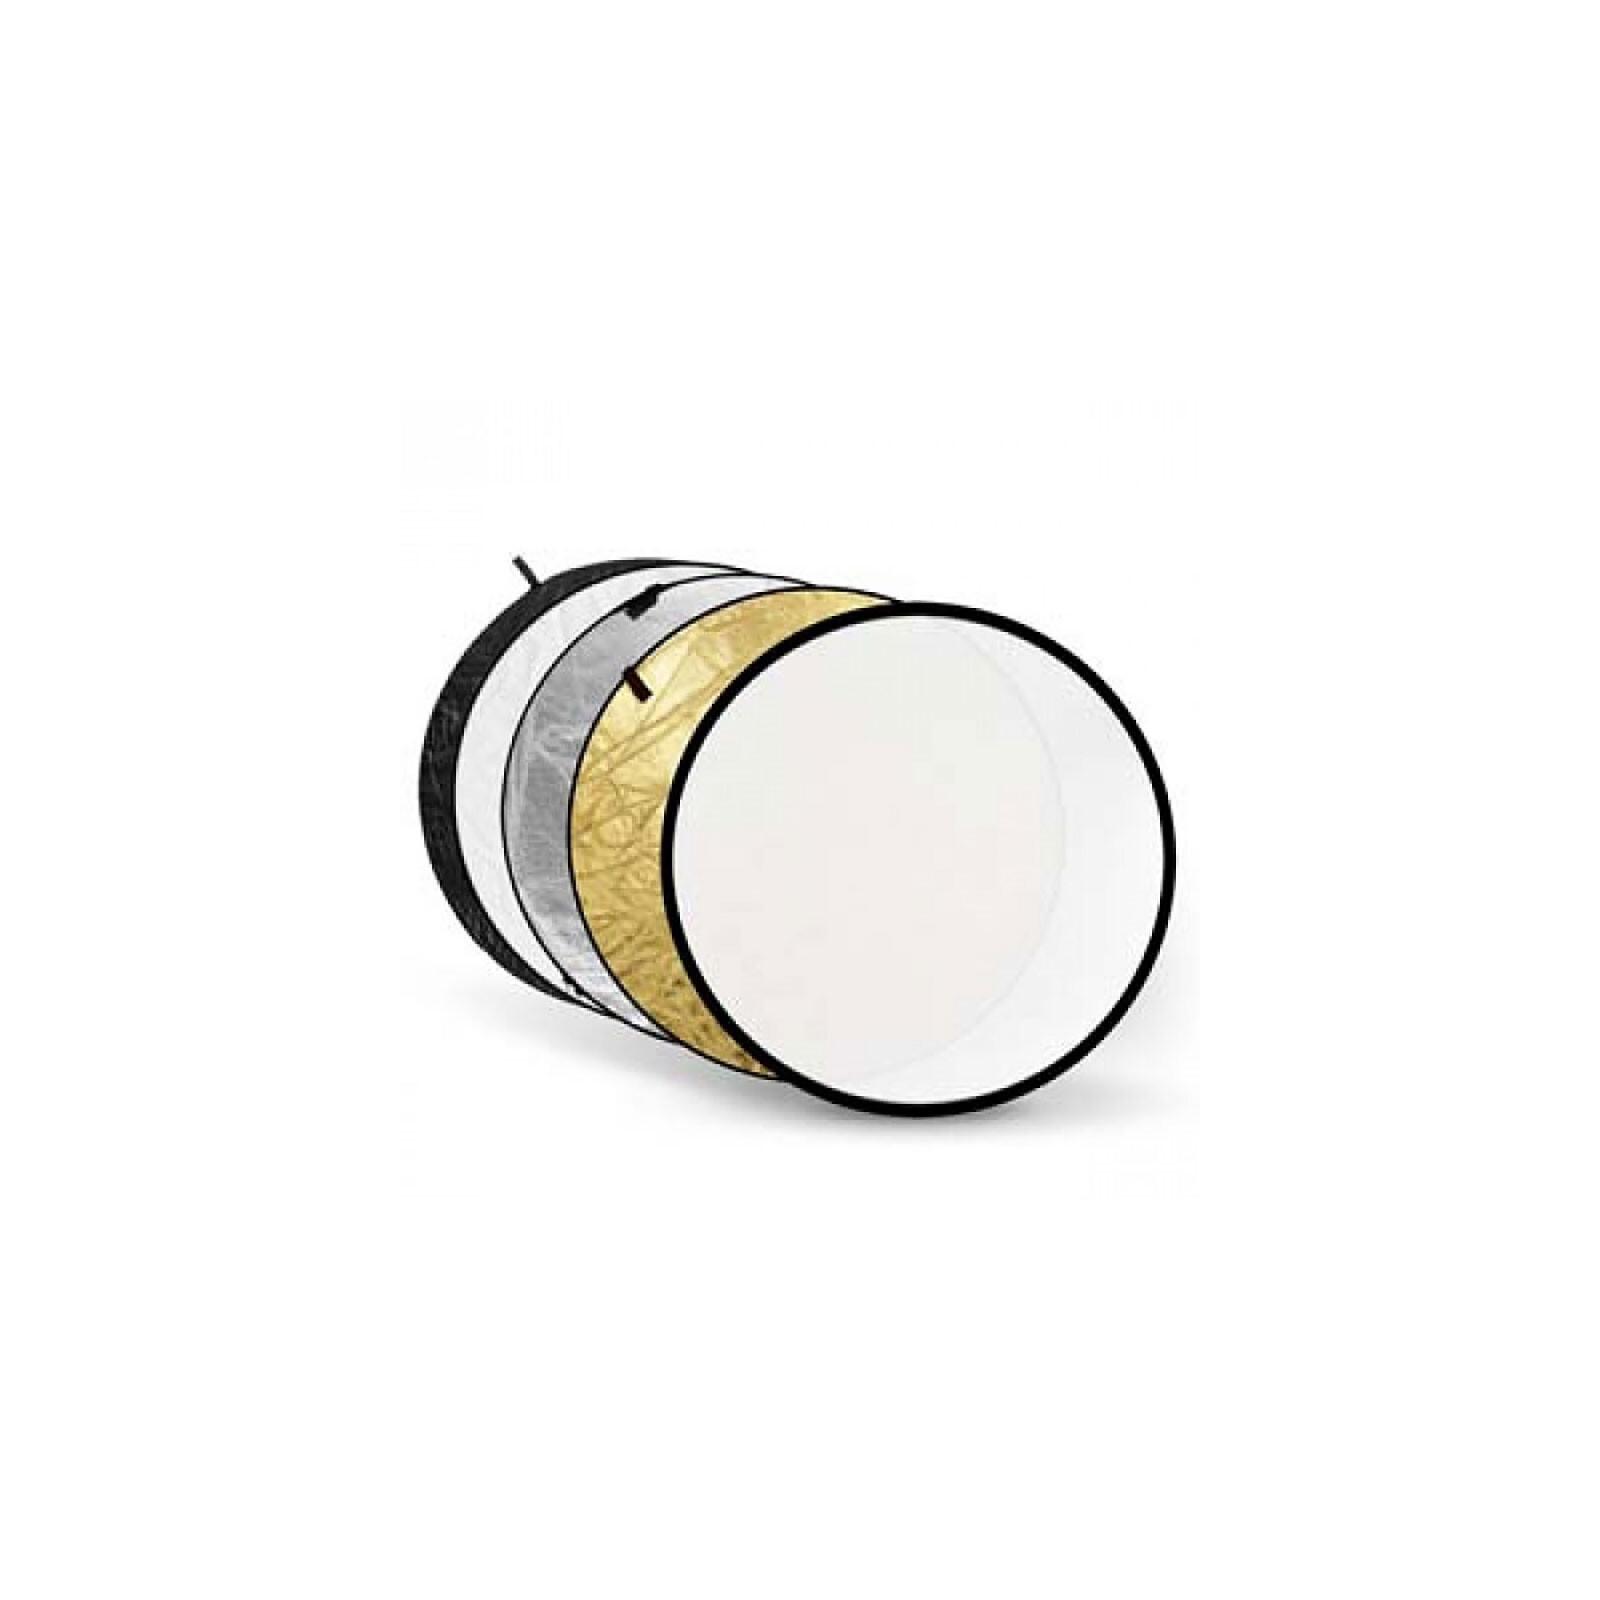 GODOX Reflector Disc 5in1 110x110cm